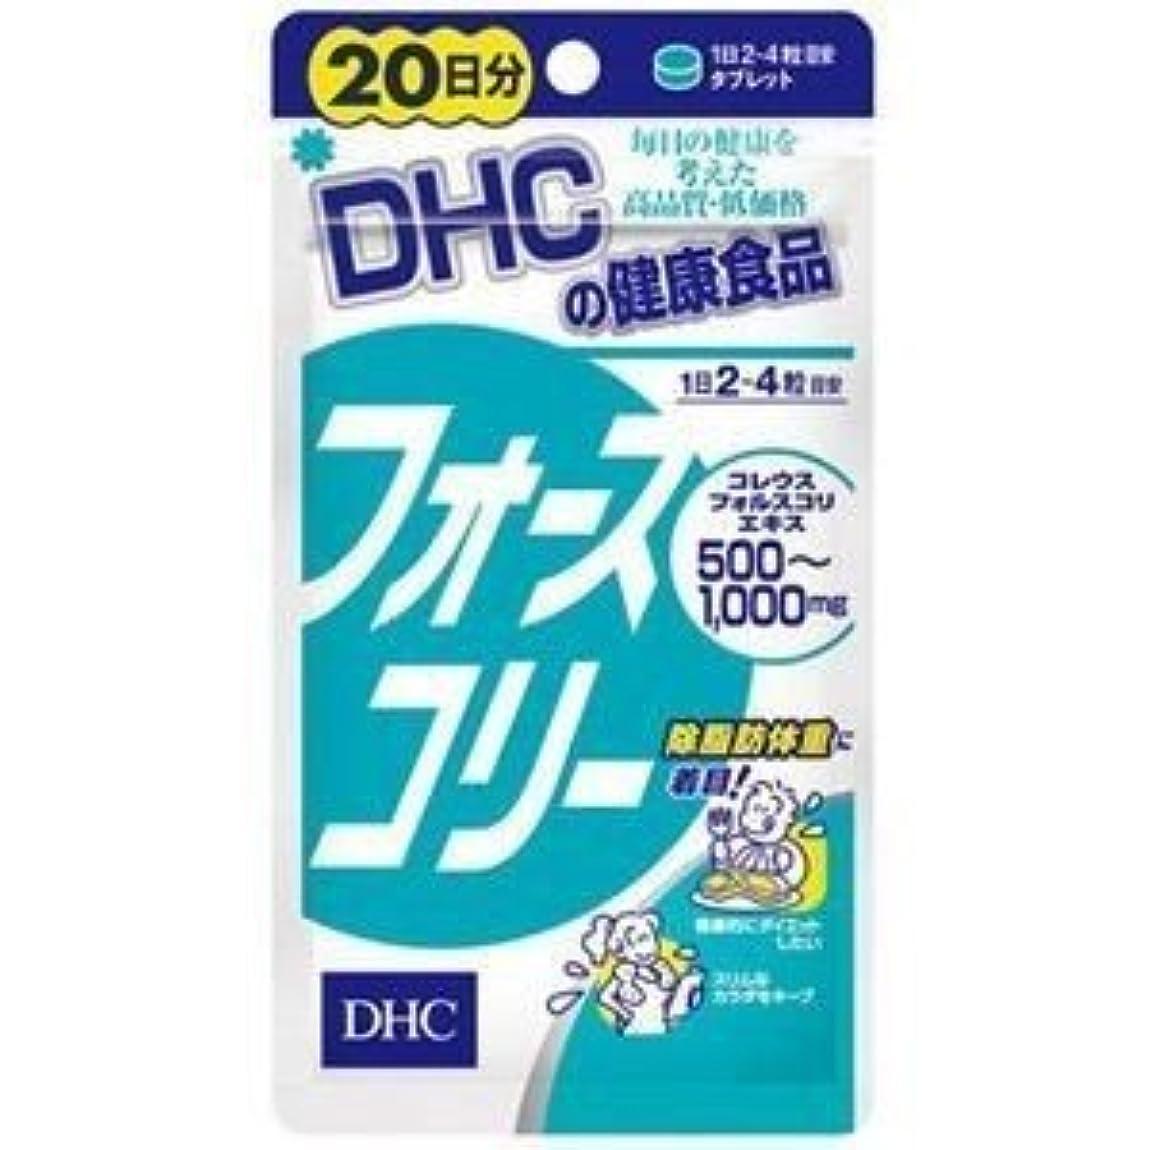 言い訳拷問拘束するDHC フォースコリー 20日分 80粒